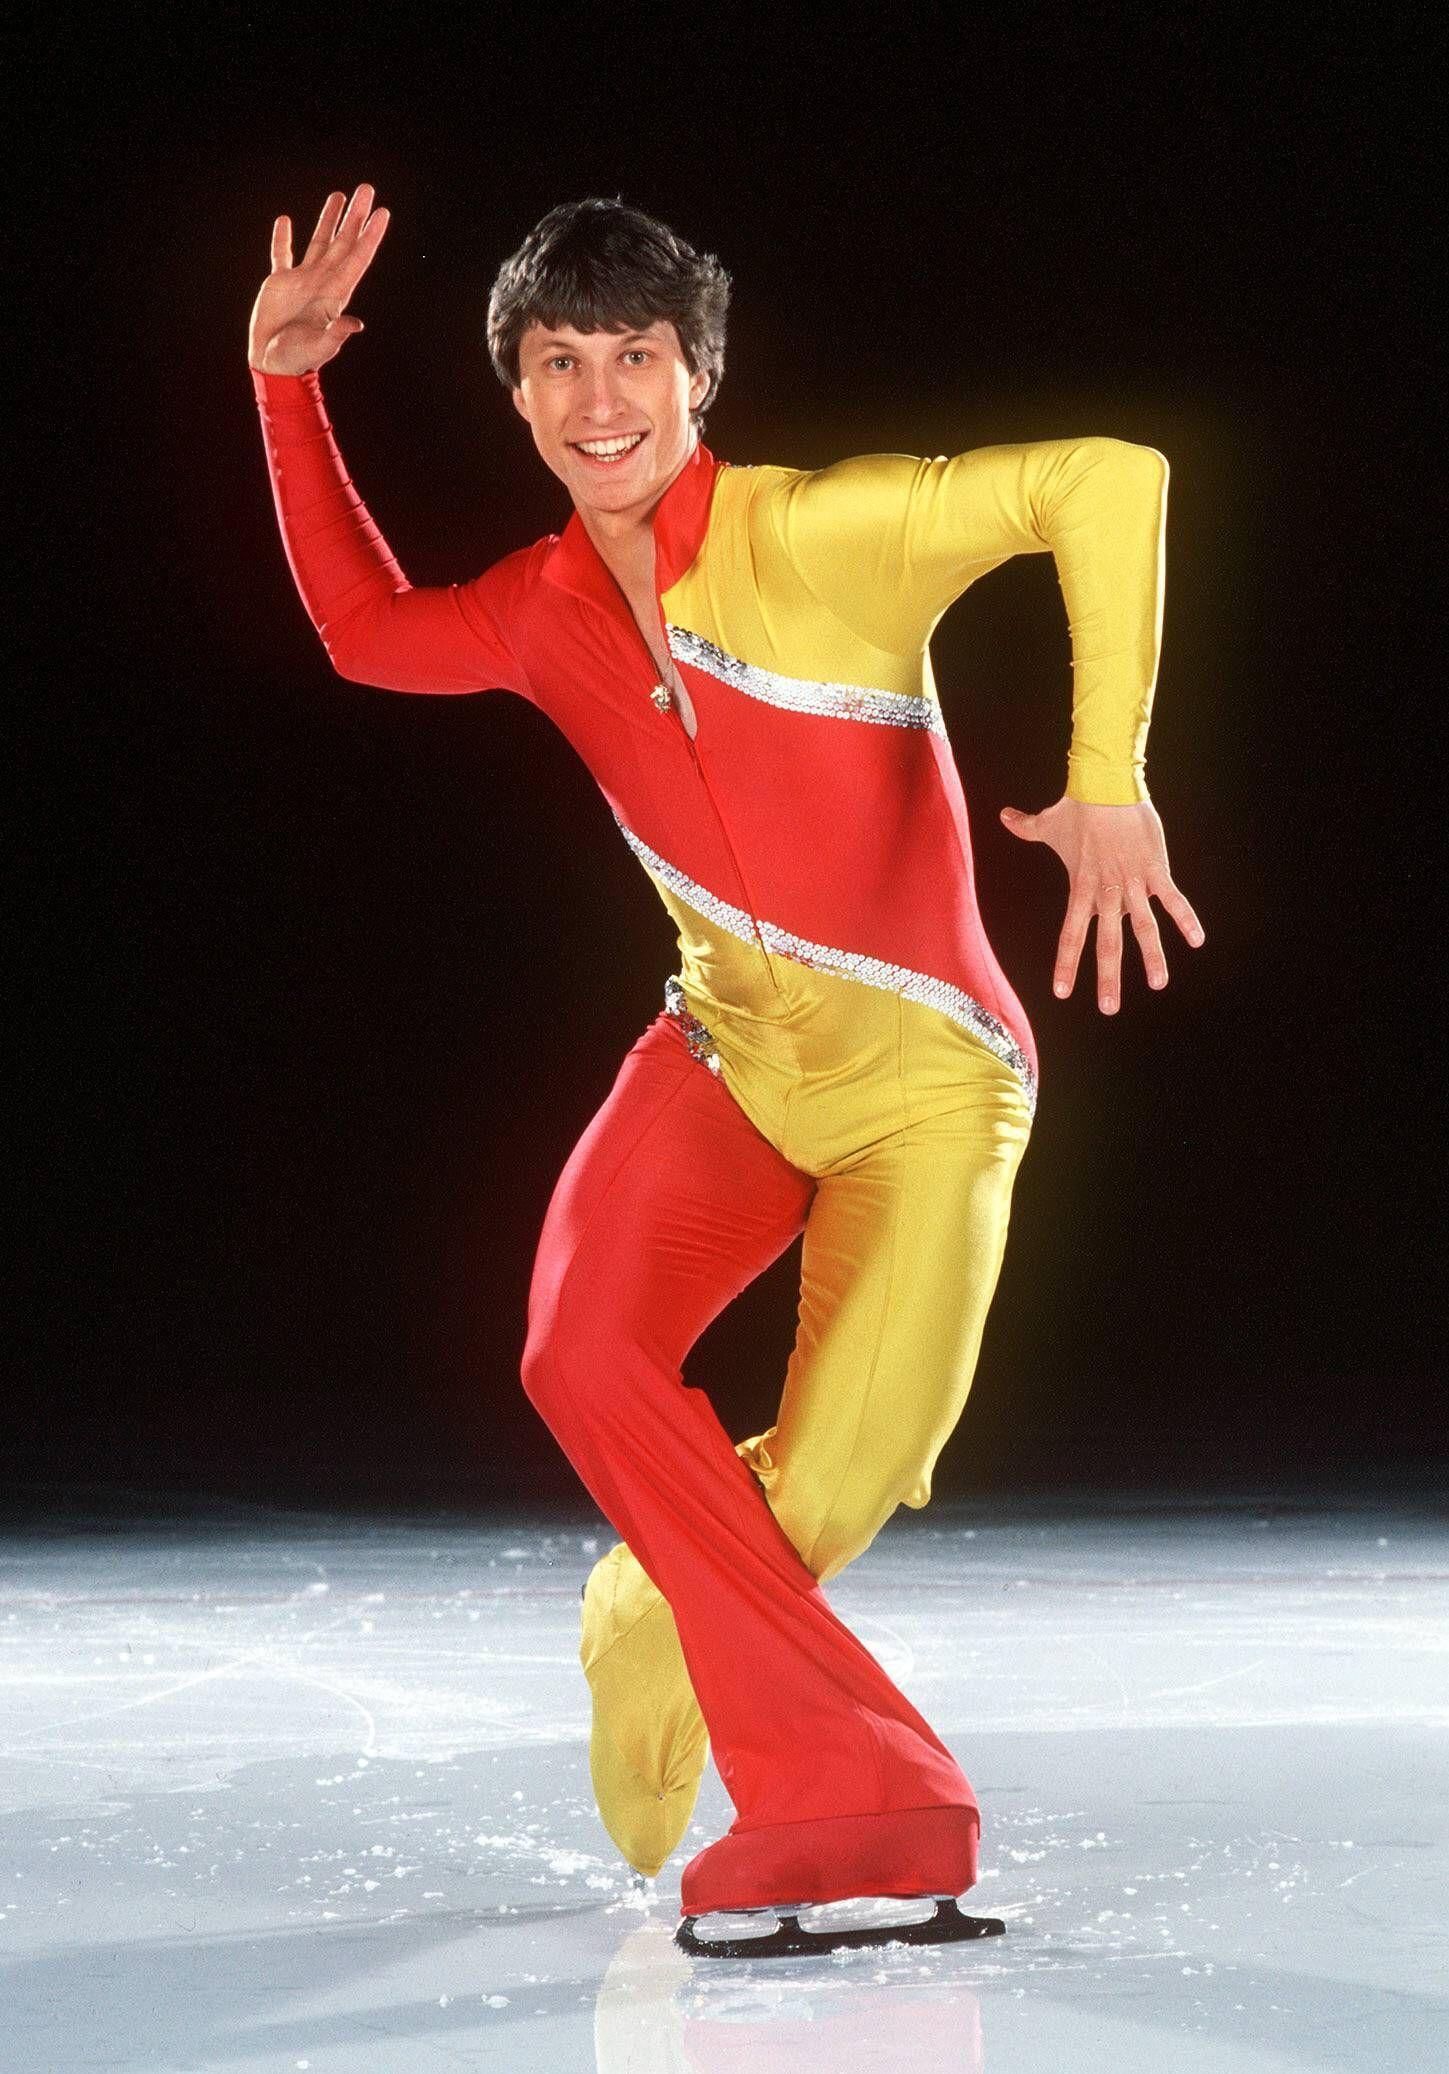 Norbert Schramm (BR Deutschland) auf dem Eis